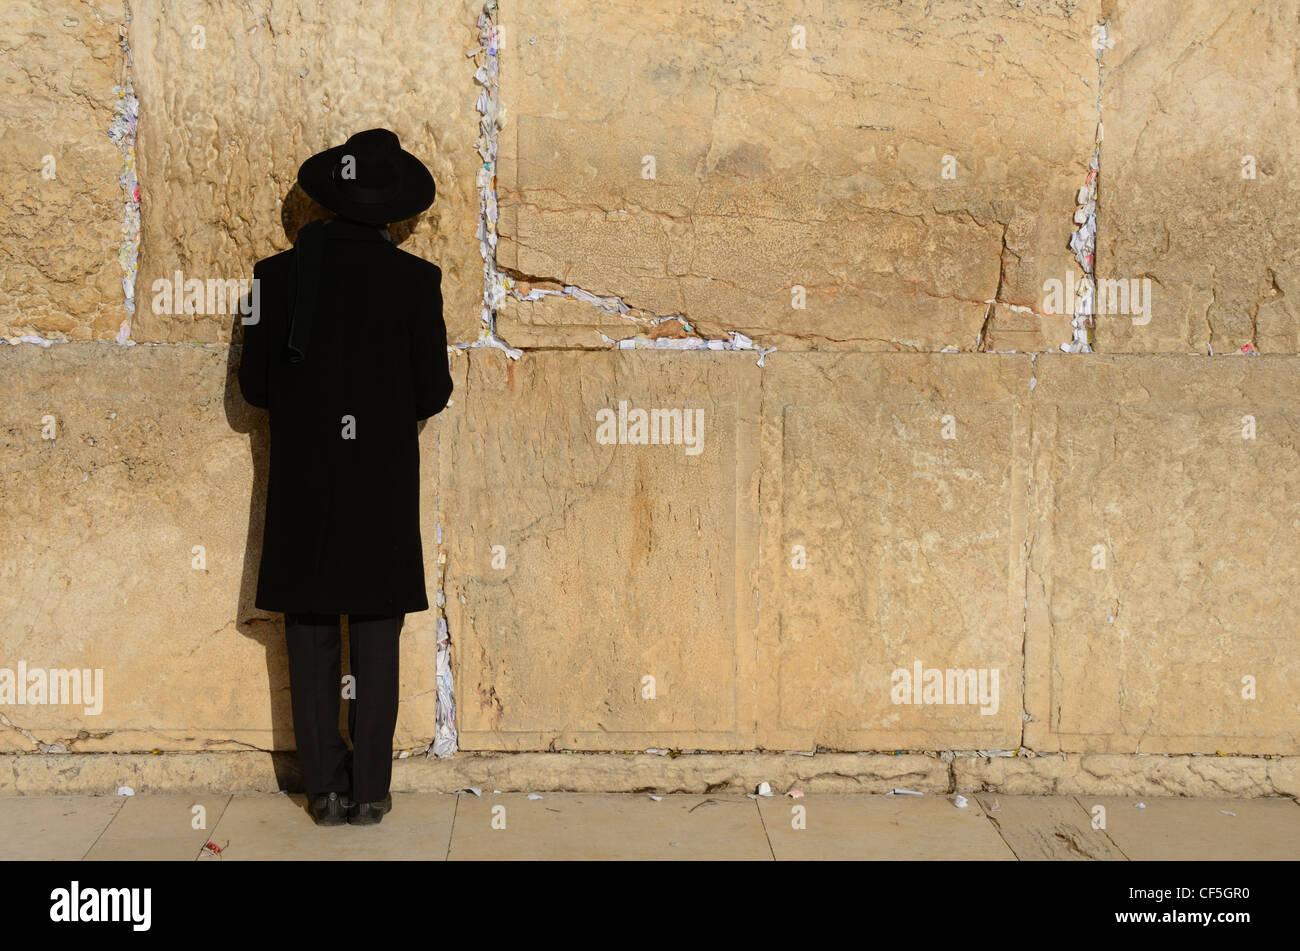 Un judío ortodoxo oración en el Muro de las Lamentaciones en Jerusalén, Israel. Foto de stock